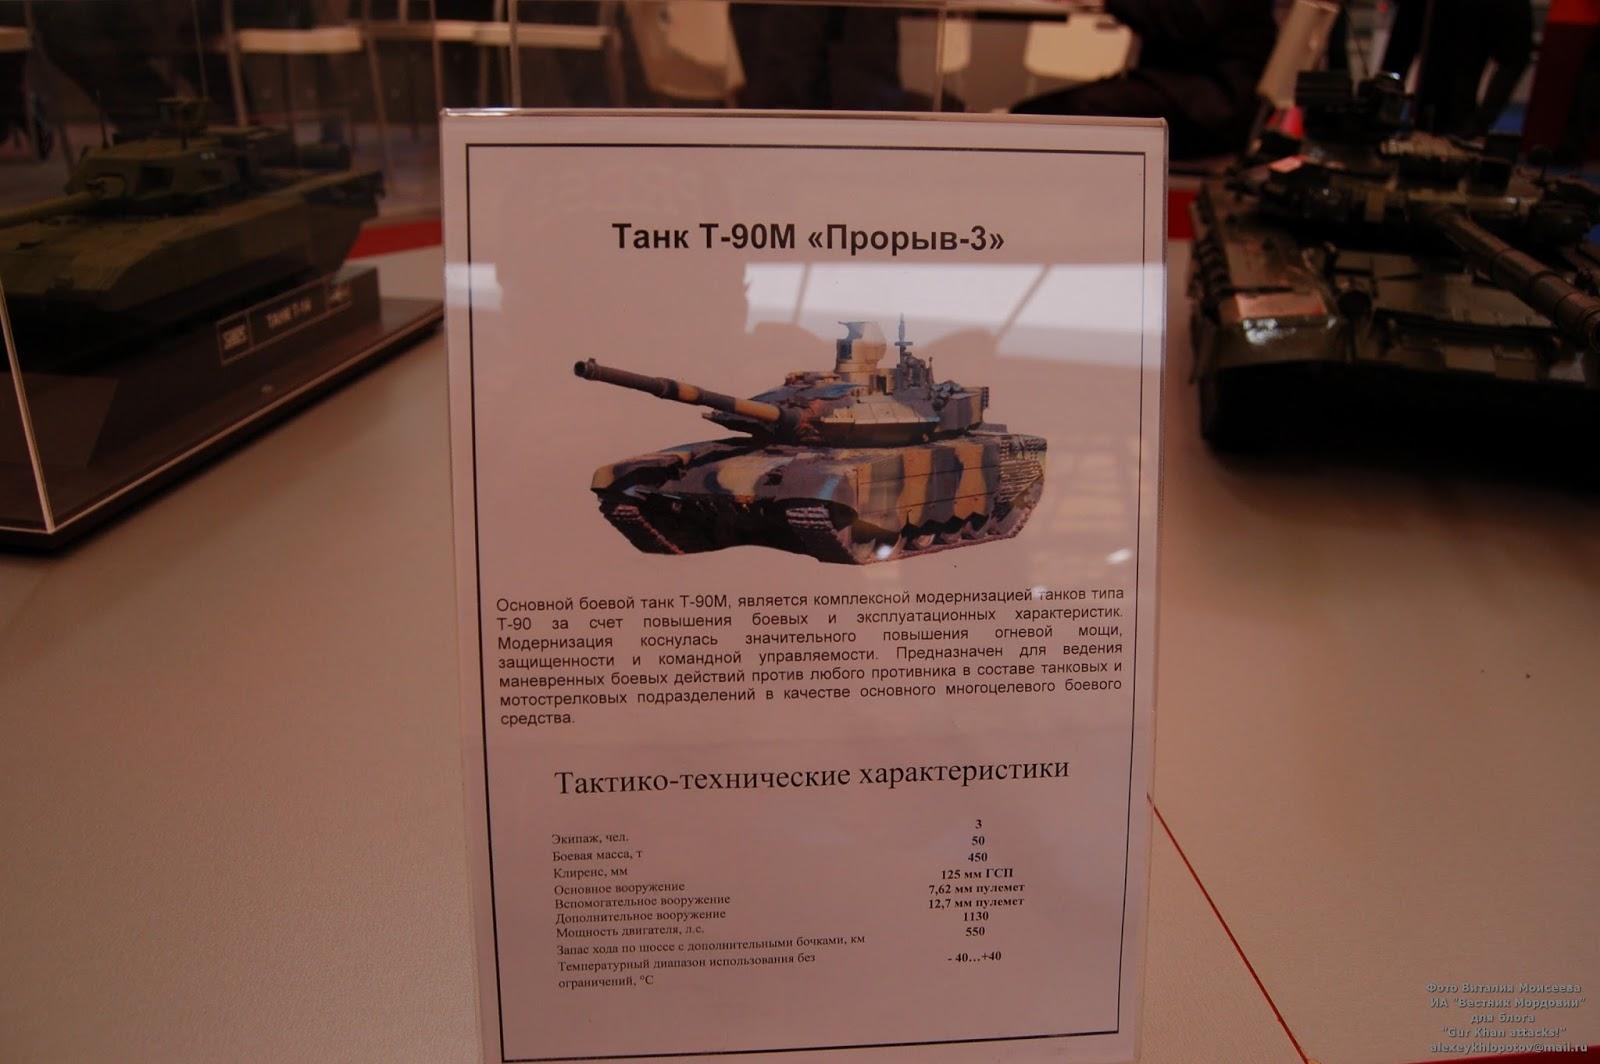 """Танки Т-90 ранних выпусков будут модернизированы по ОКР """"Прорыв-3"""""""